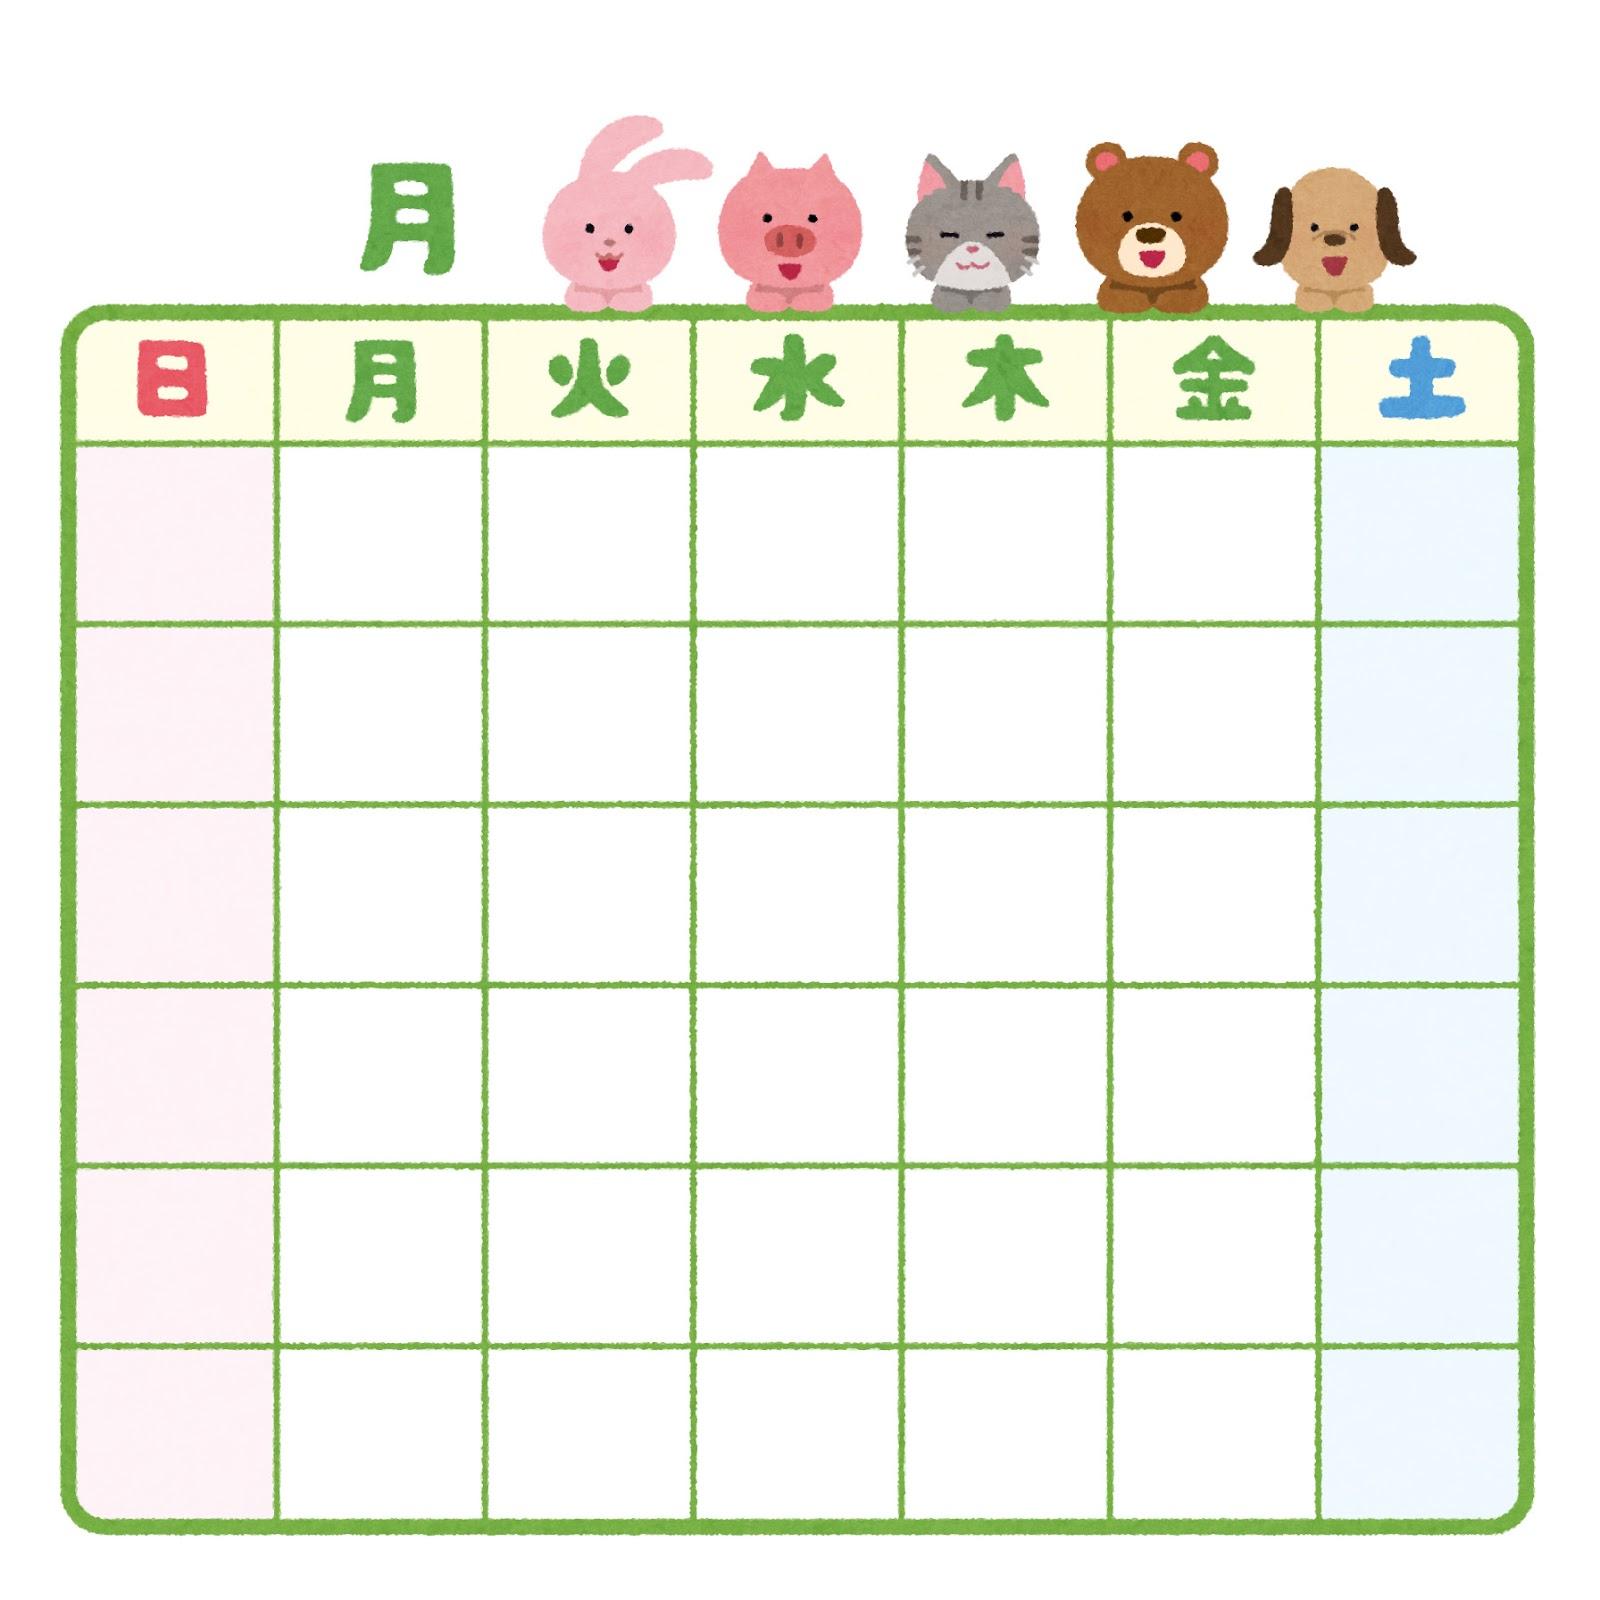 カレンダー フリー 無料デスクトップカレンダー一覧